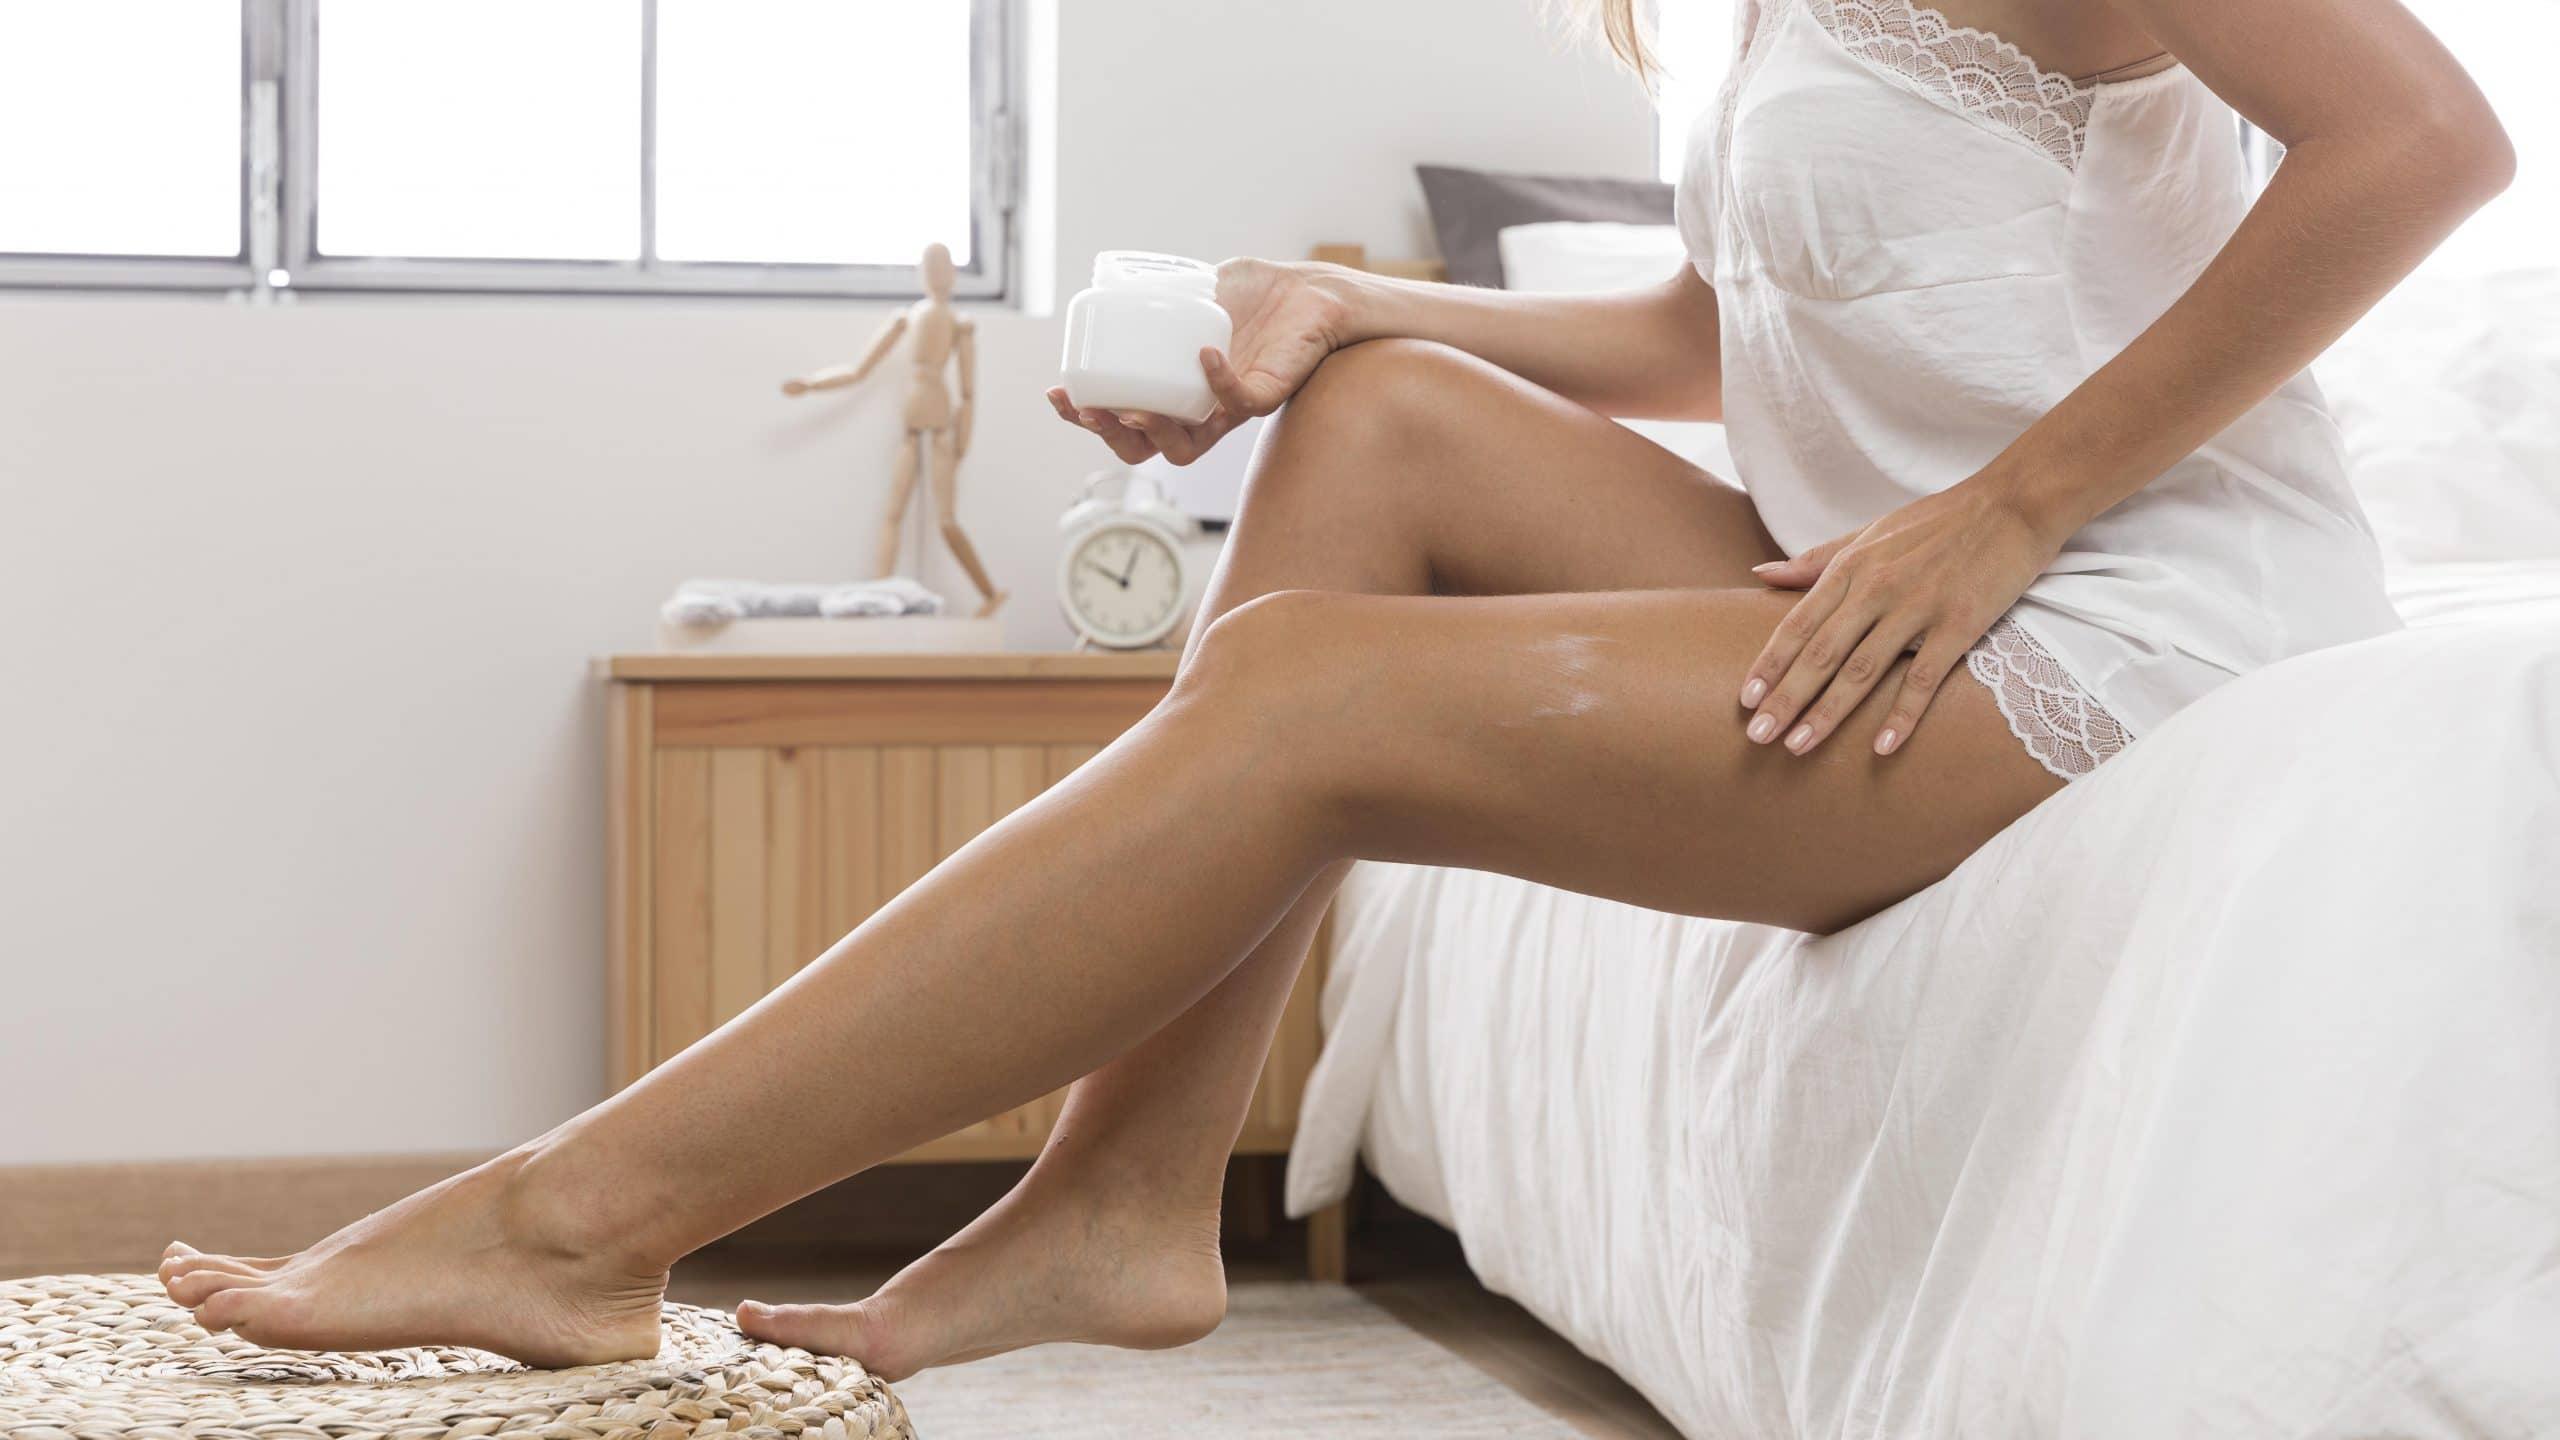 Donna che si massaggia le gambe - rimedi naturali per varici